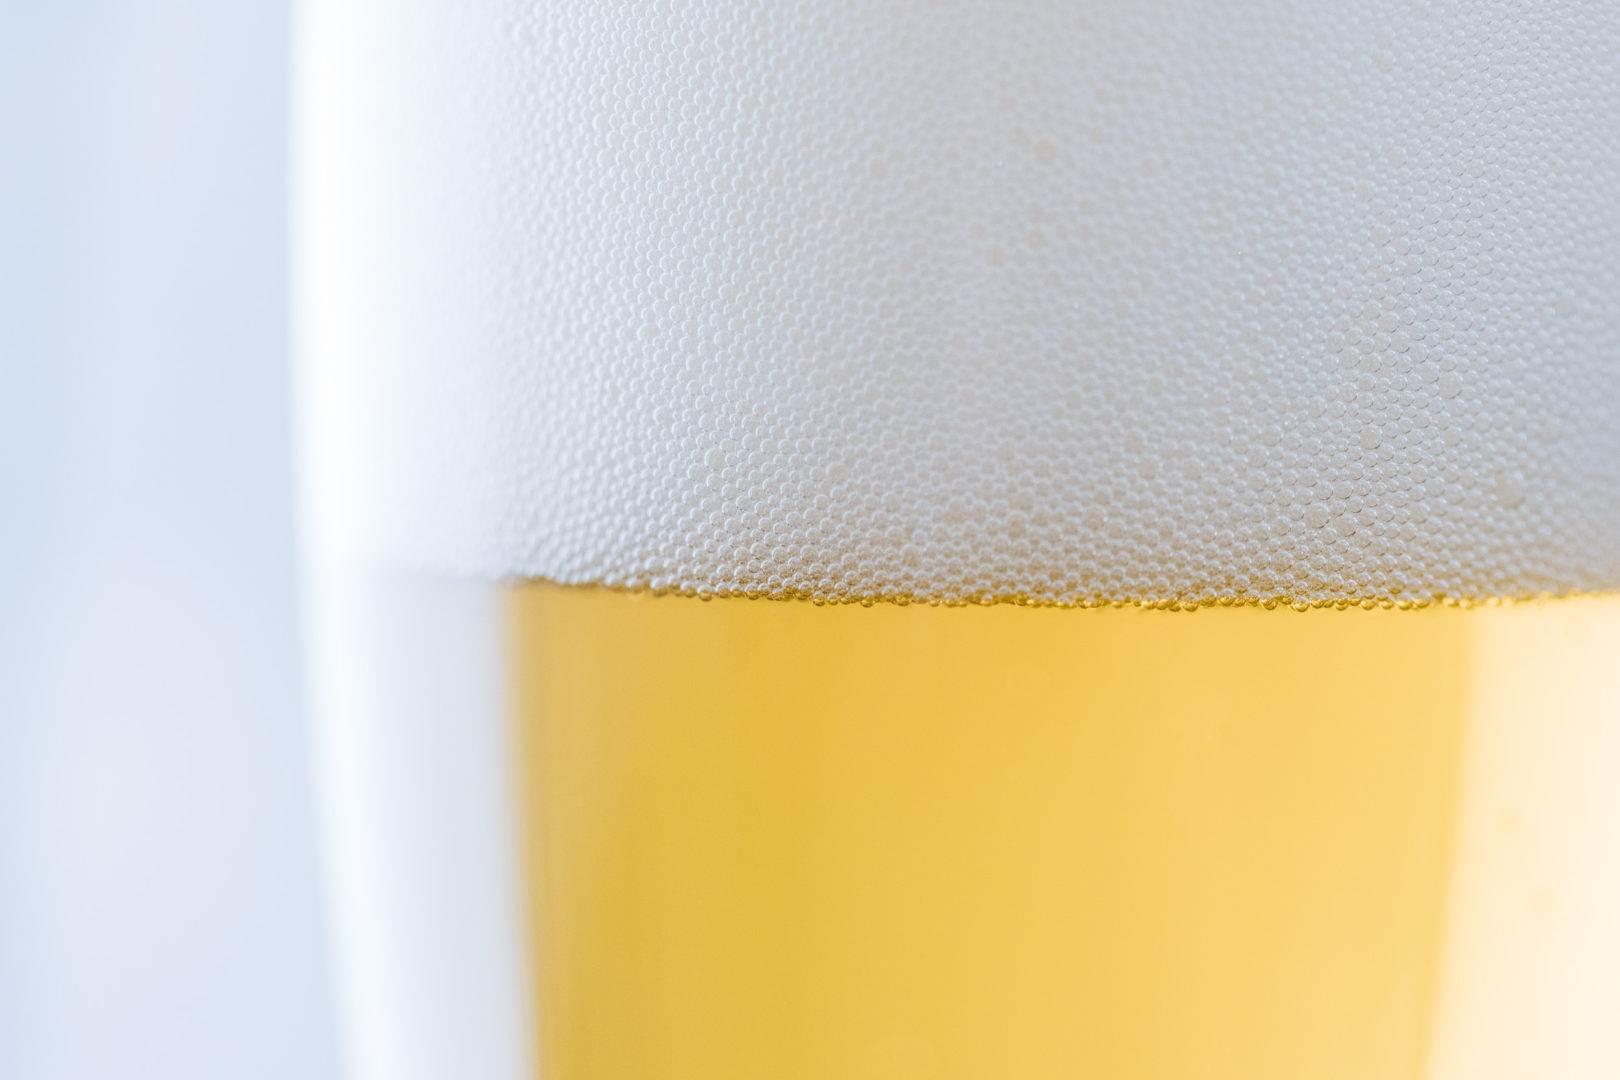 american wheat beer head